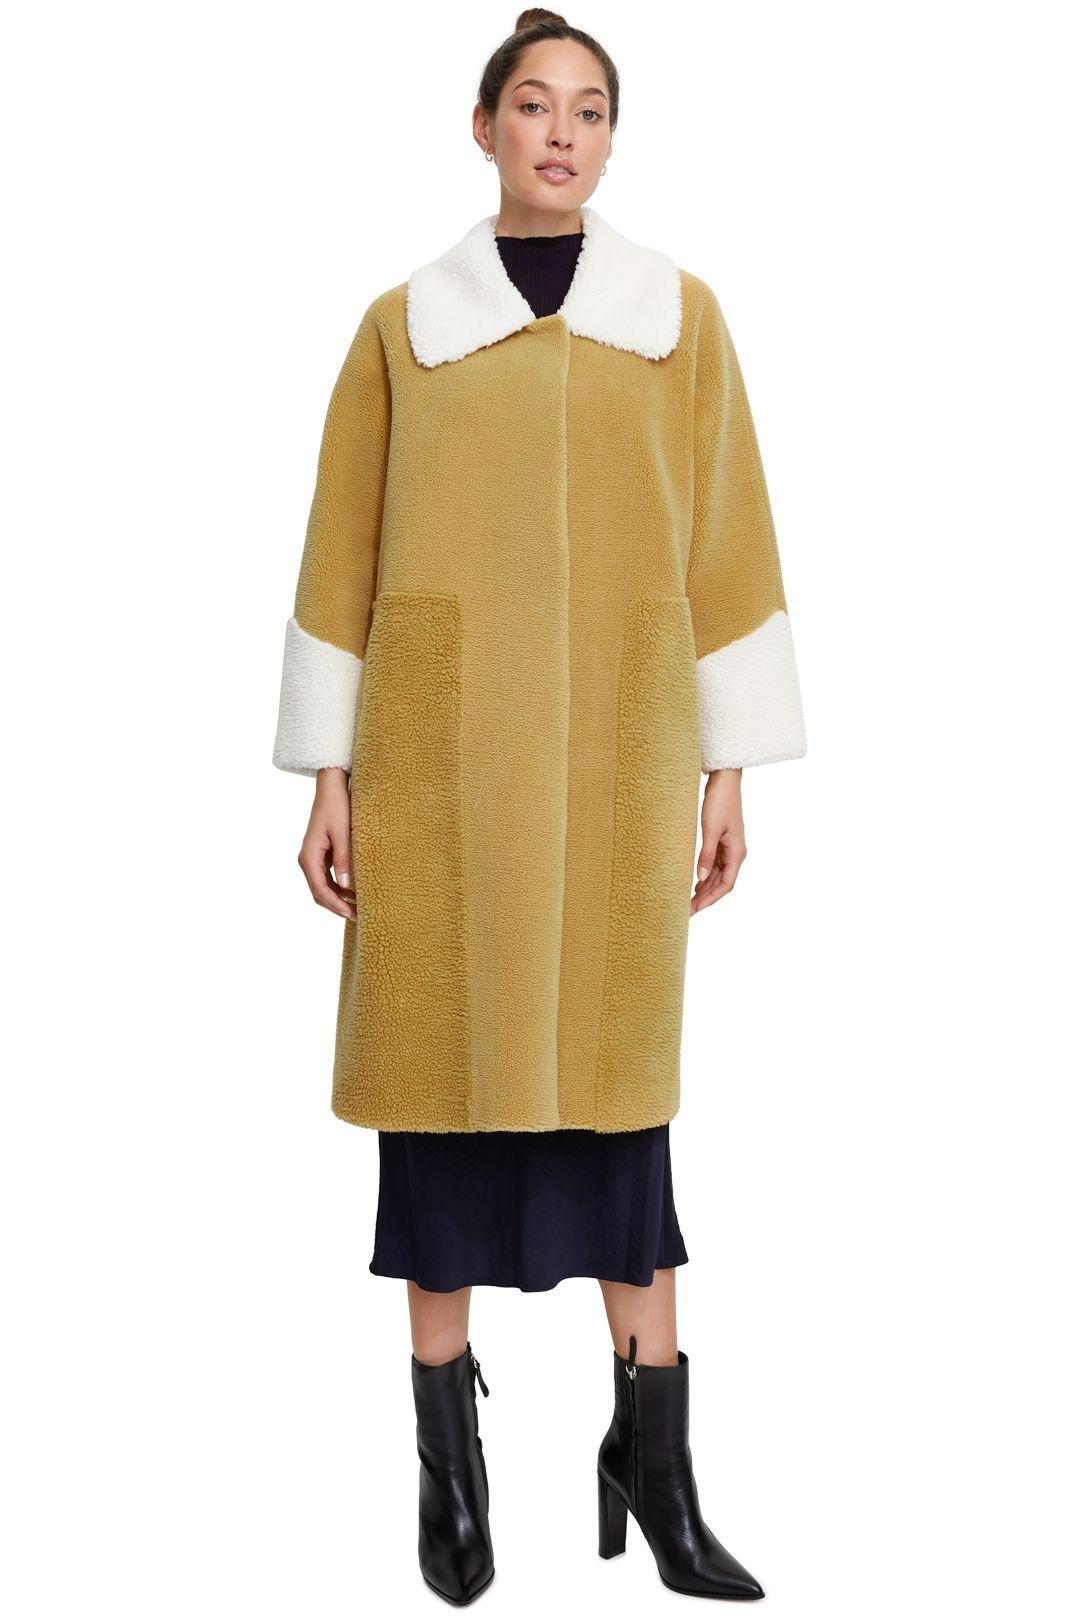 Unreal Fur Furever Chic Coat Mustard